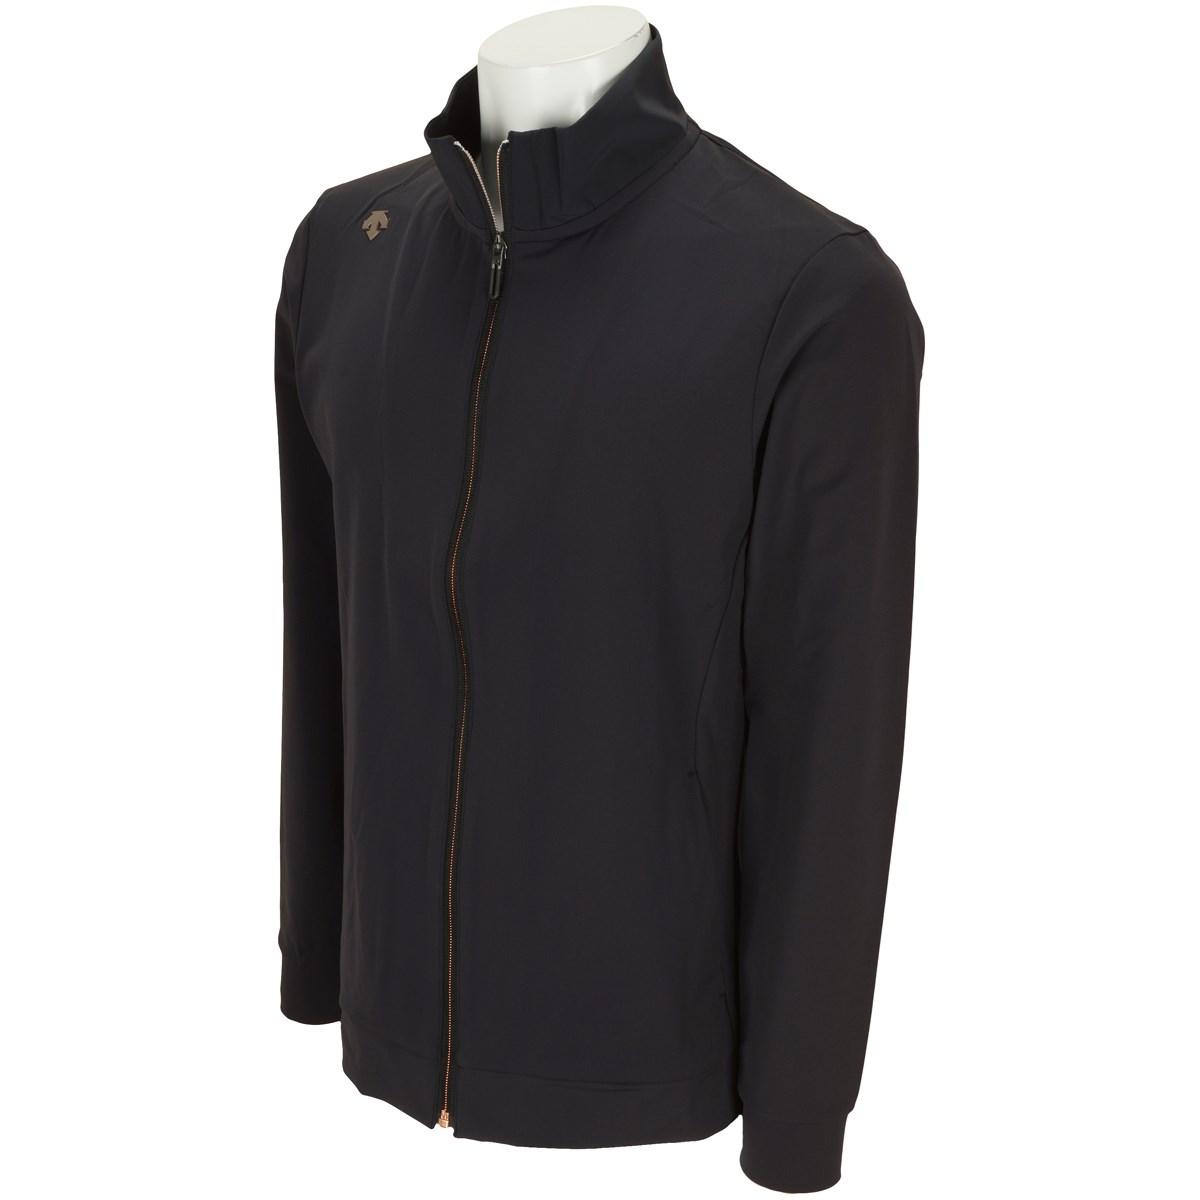 デサントゴルフ(DESCENTE GOLF) ストレッチ ジャージージャケット